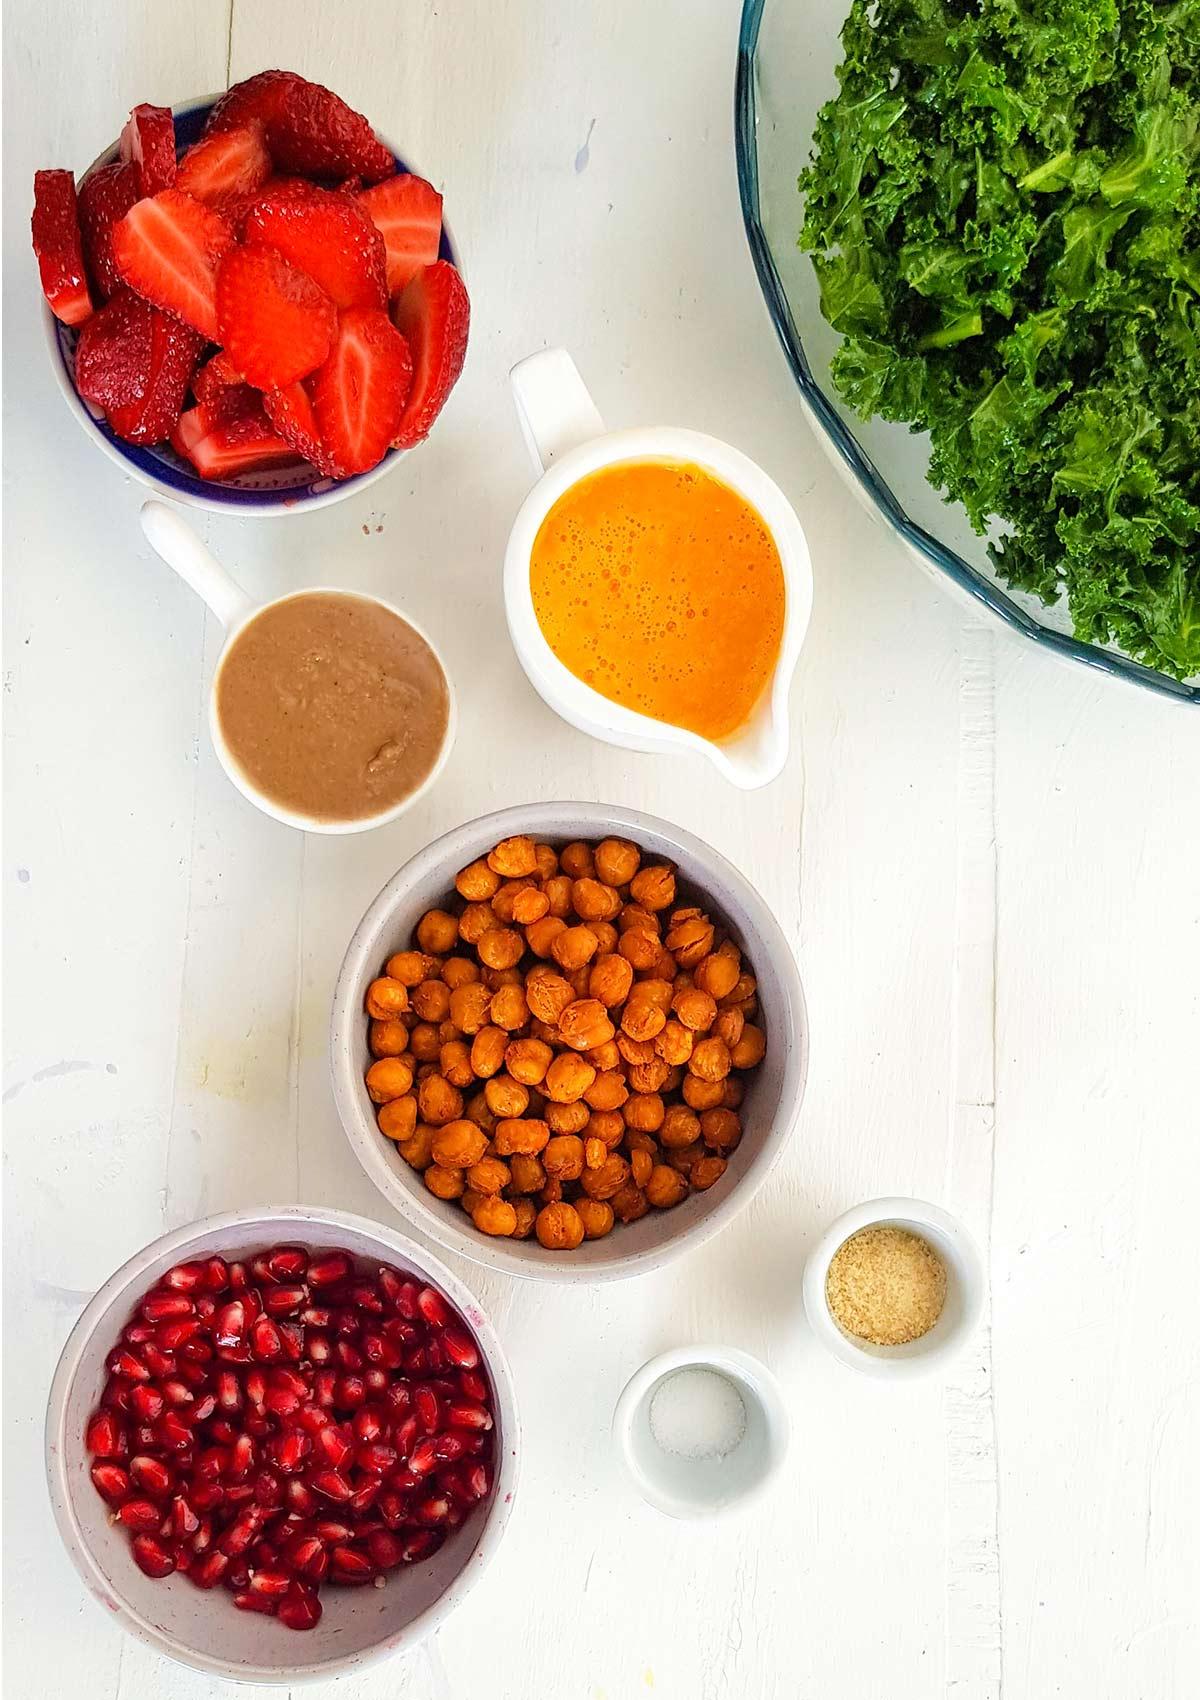 ingredients to make kale salad